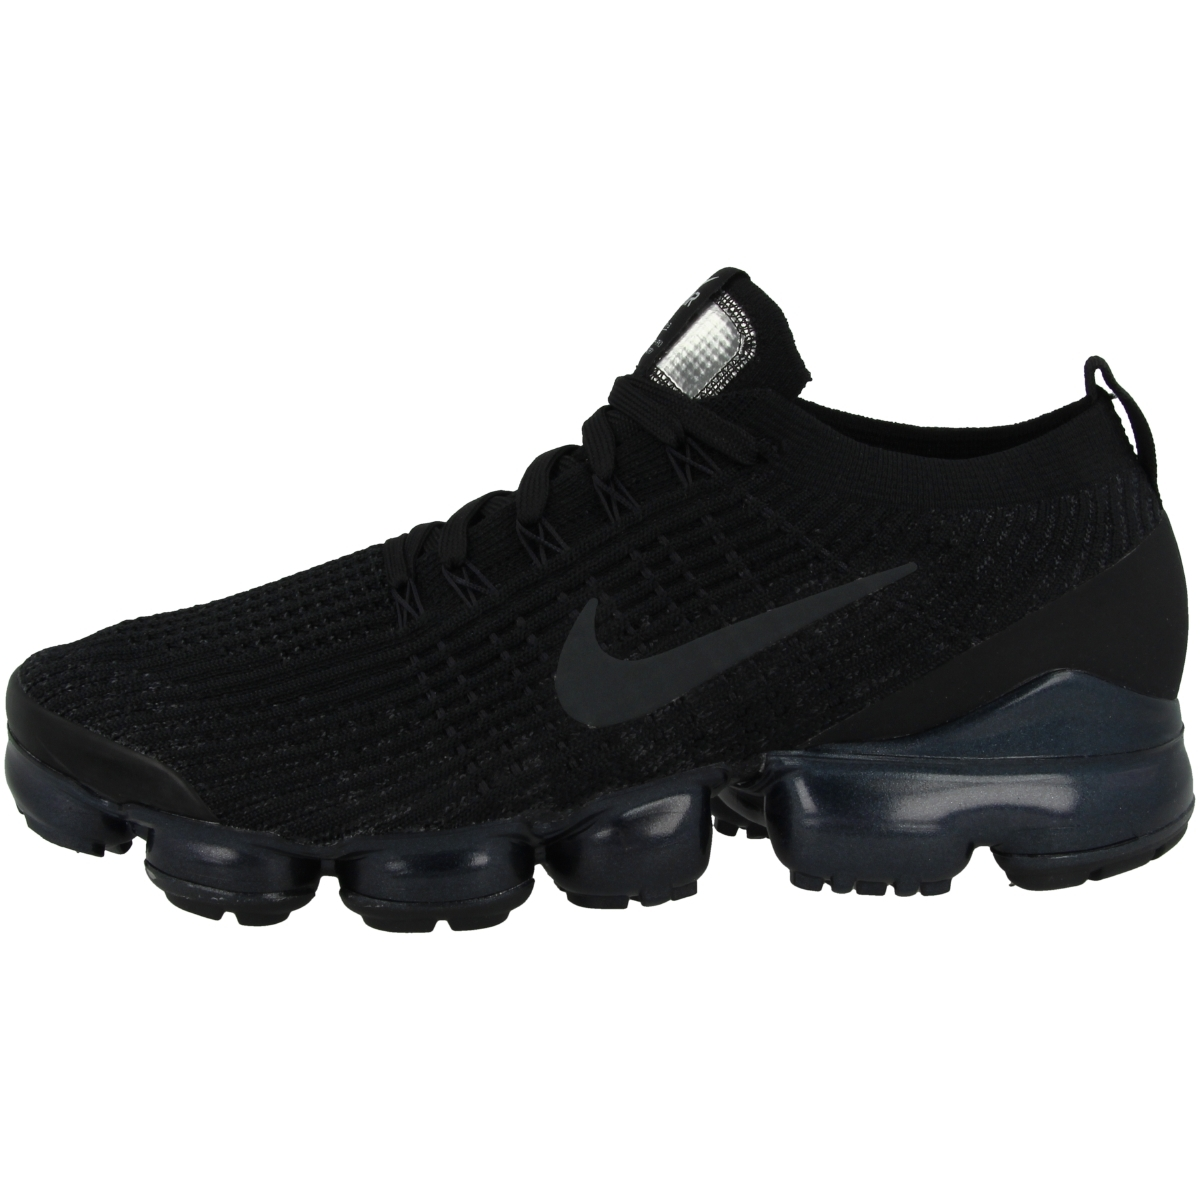 Détails sur Nike Air Vapormax Flyknit 3 Chaussures de Course Loisir Sport Baskets AJ6900